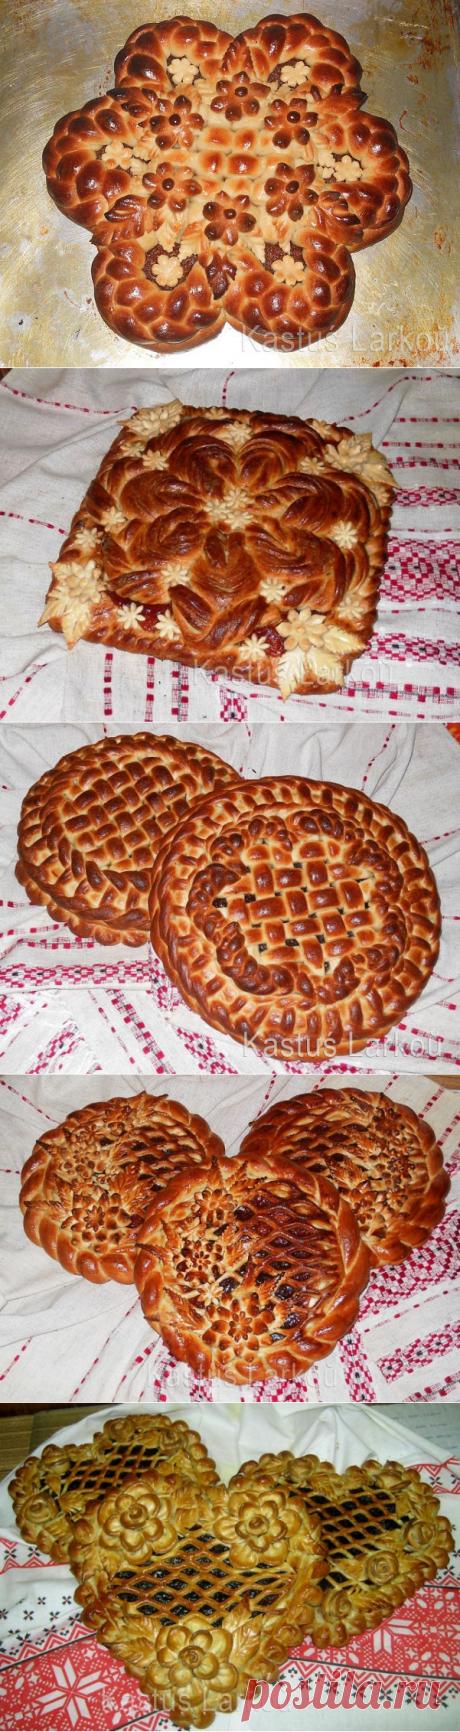 Выкрутасы с тестом: секреты красивой выпечки от Катуся Ларкоя